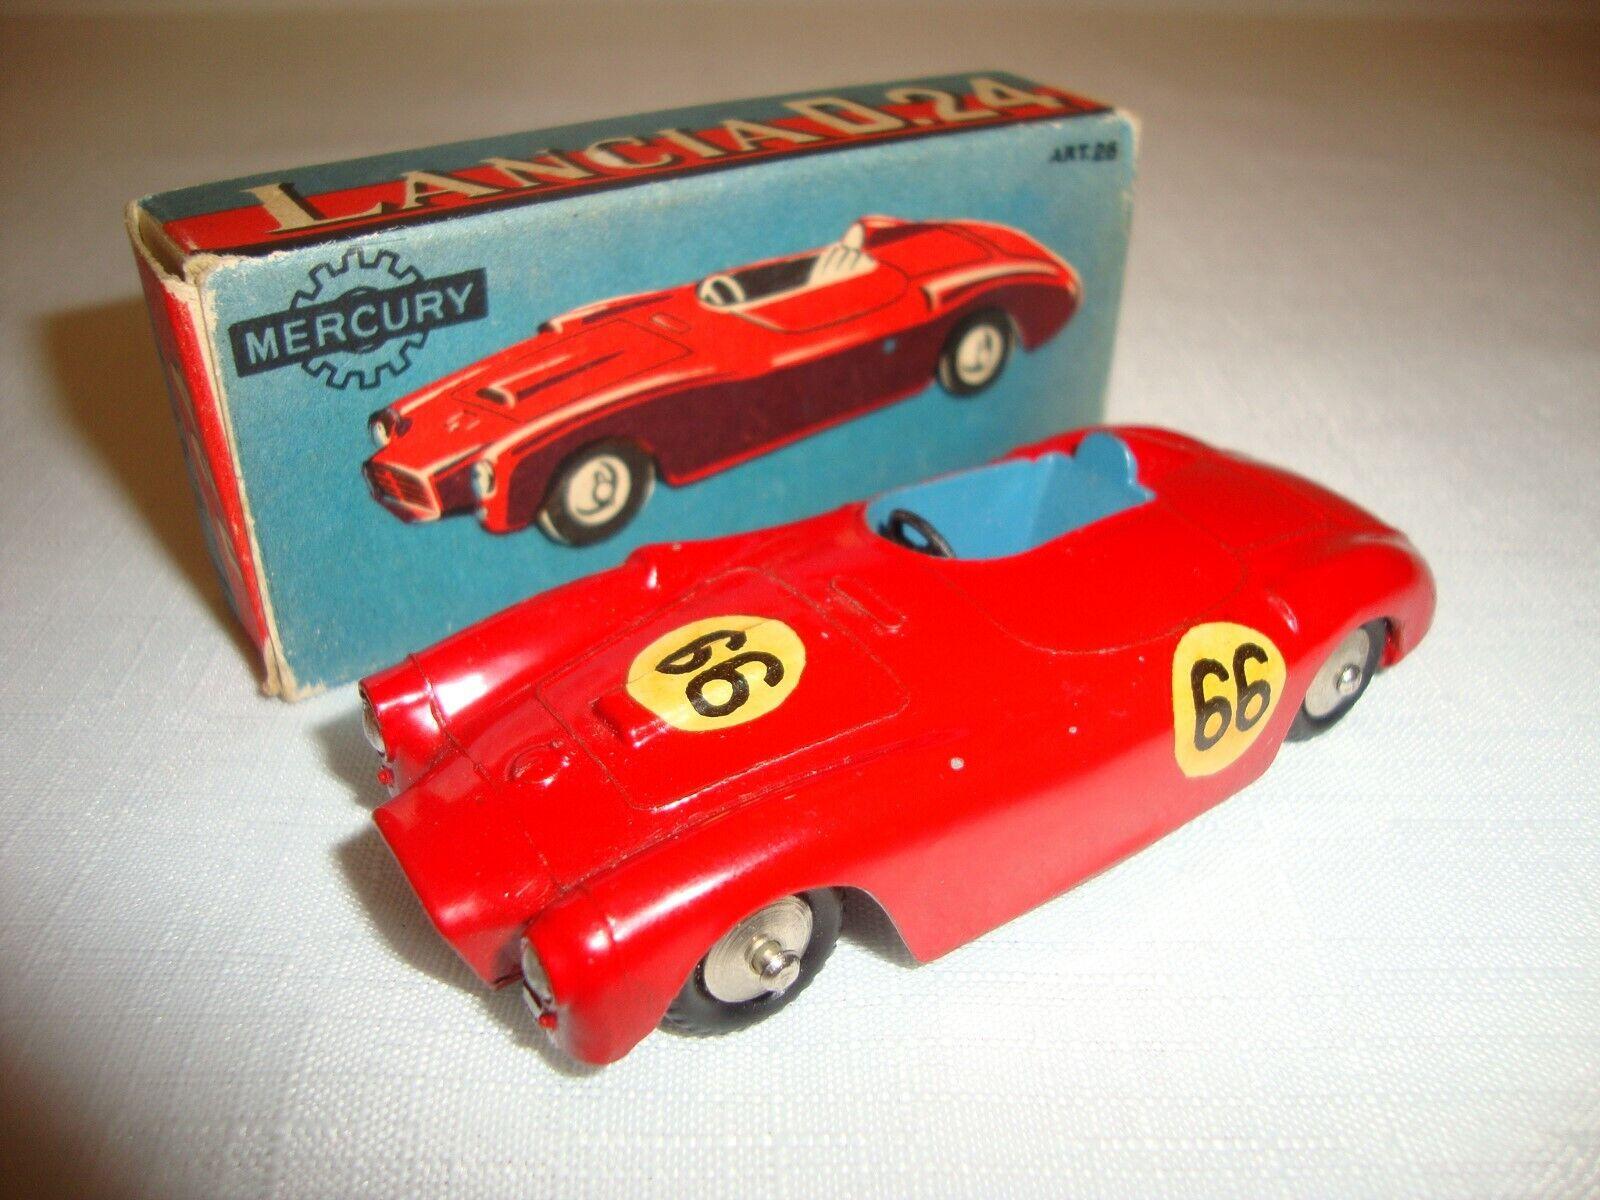 MERCURY 26 LANCIA D.24 (RACING NUMBER 66) - EXCELLENT in original BOX